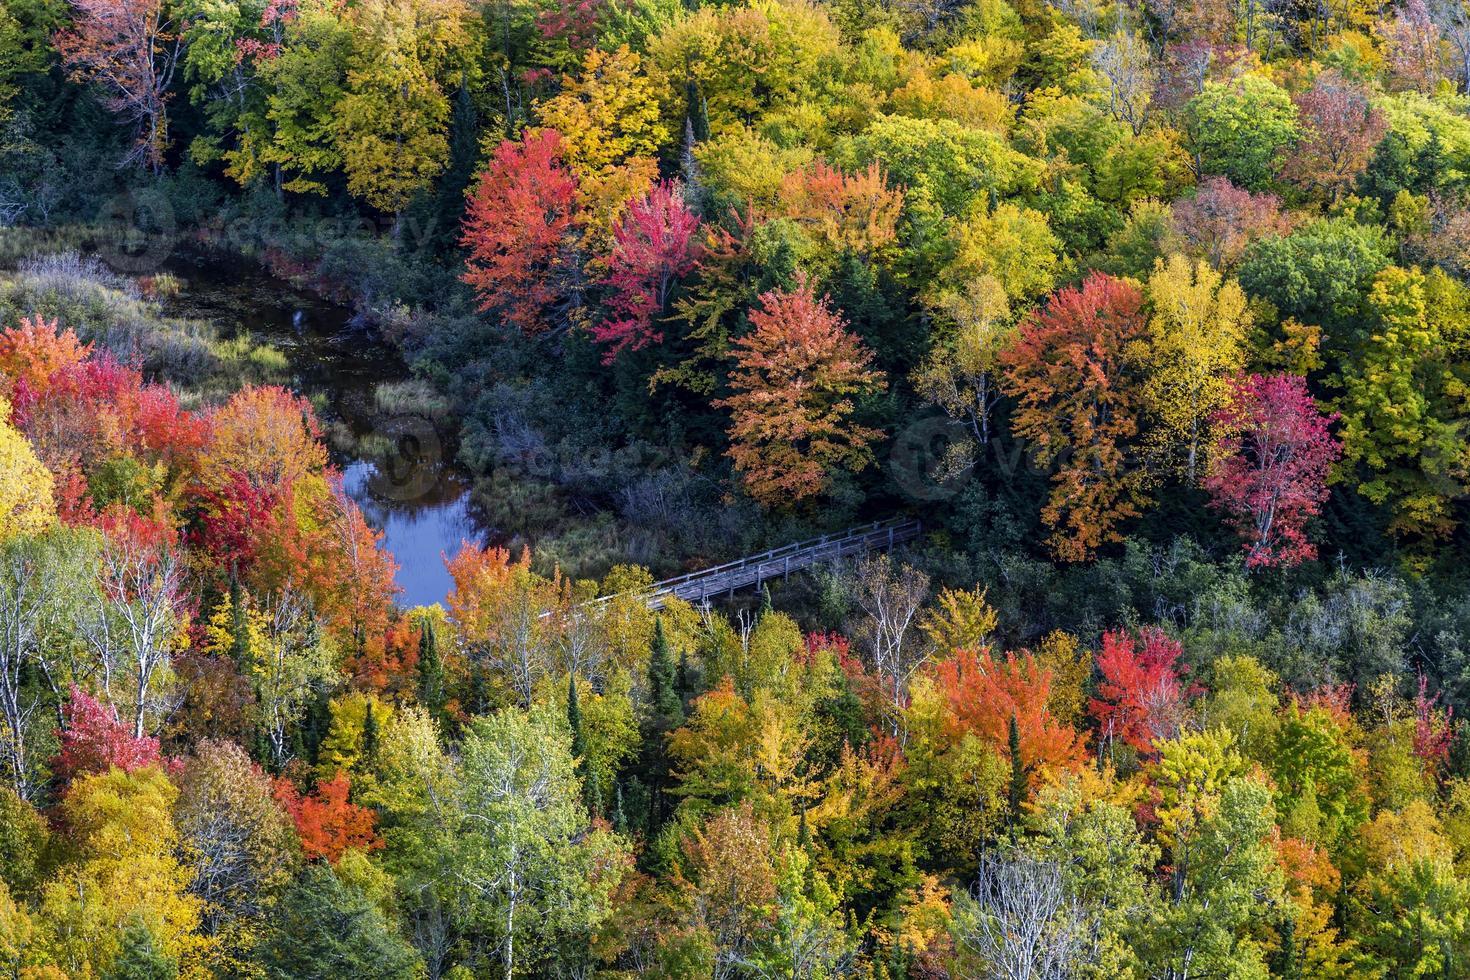 fällt Farben am Karpfenfluss, Porcupine Mountains State Park foto